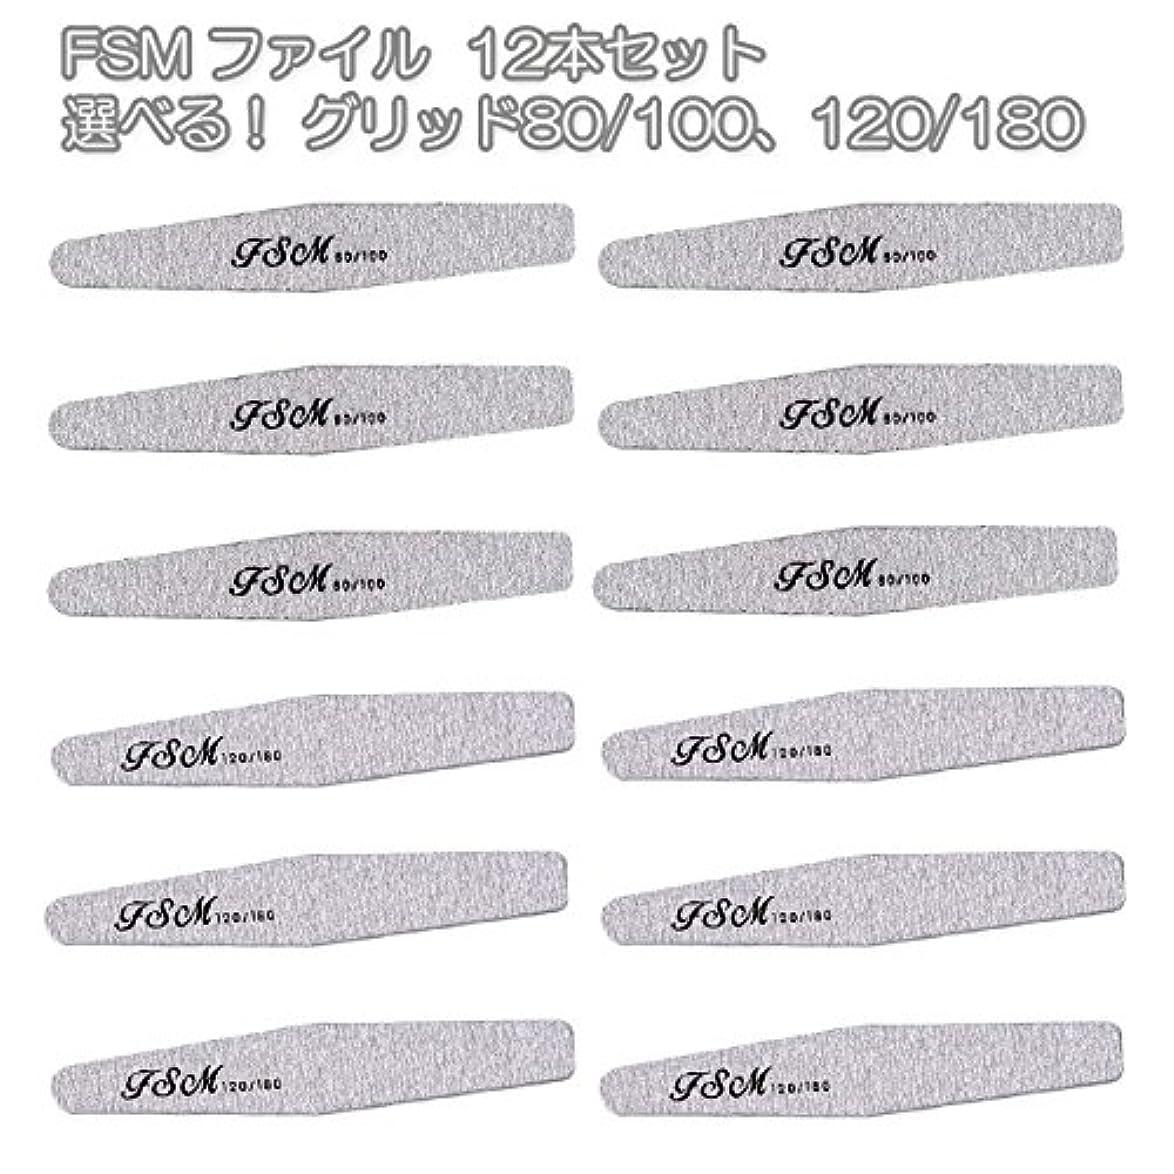 くつろぎ名義で噛むFSM ネイルファイル/バッファー12本セット(選べる!グリッド80/100、120/180) (G80/100の12本)